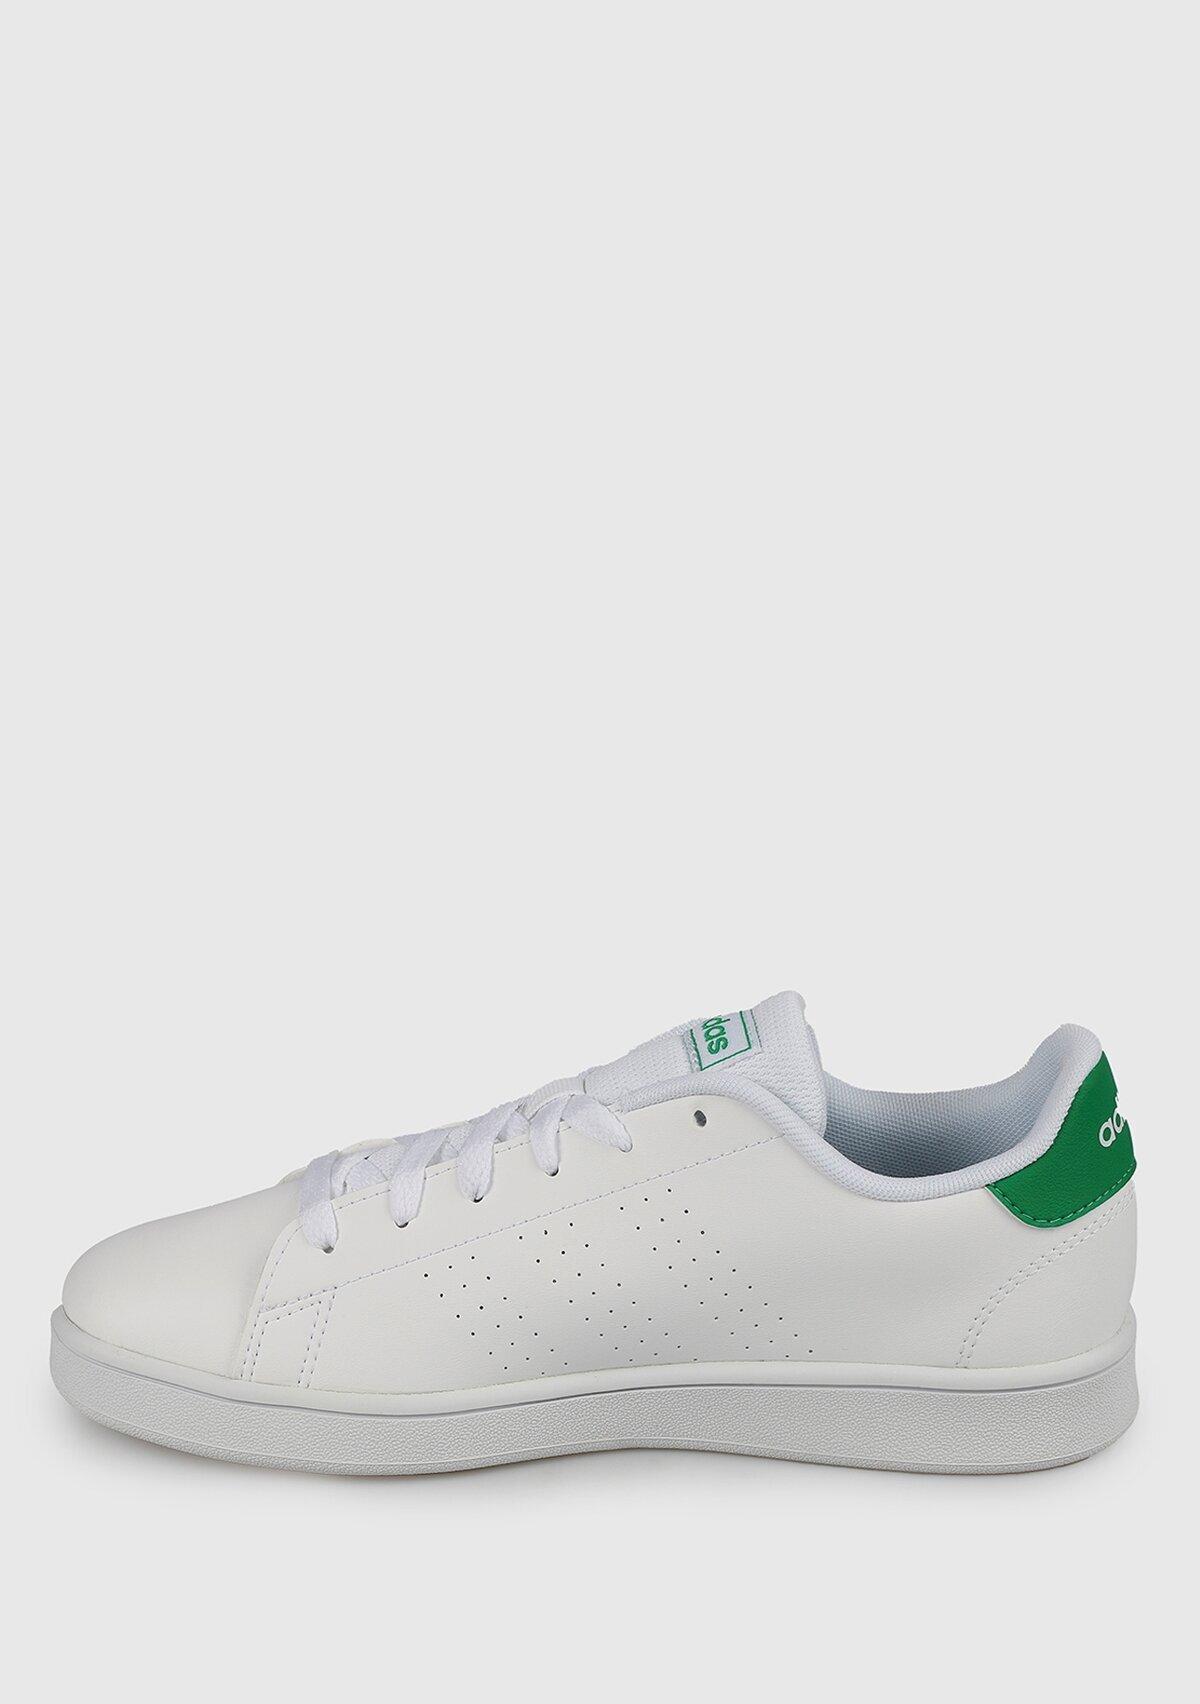 resm Advantage K Beyaz Unisex Spor Ayakkabısı Ef0213